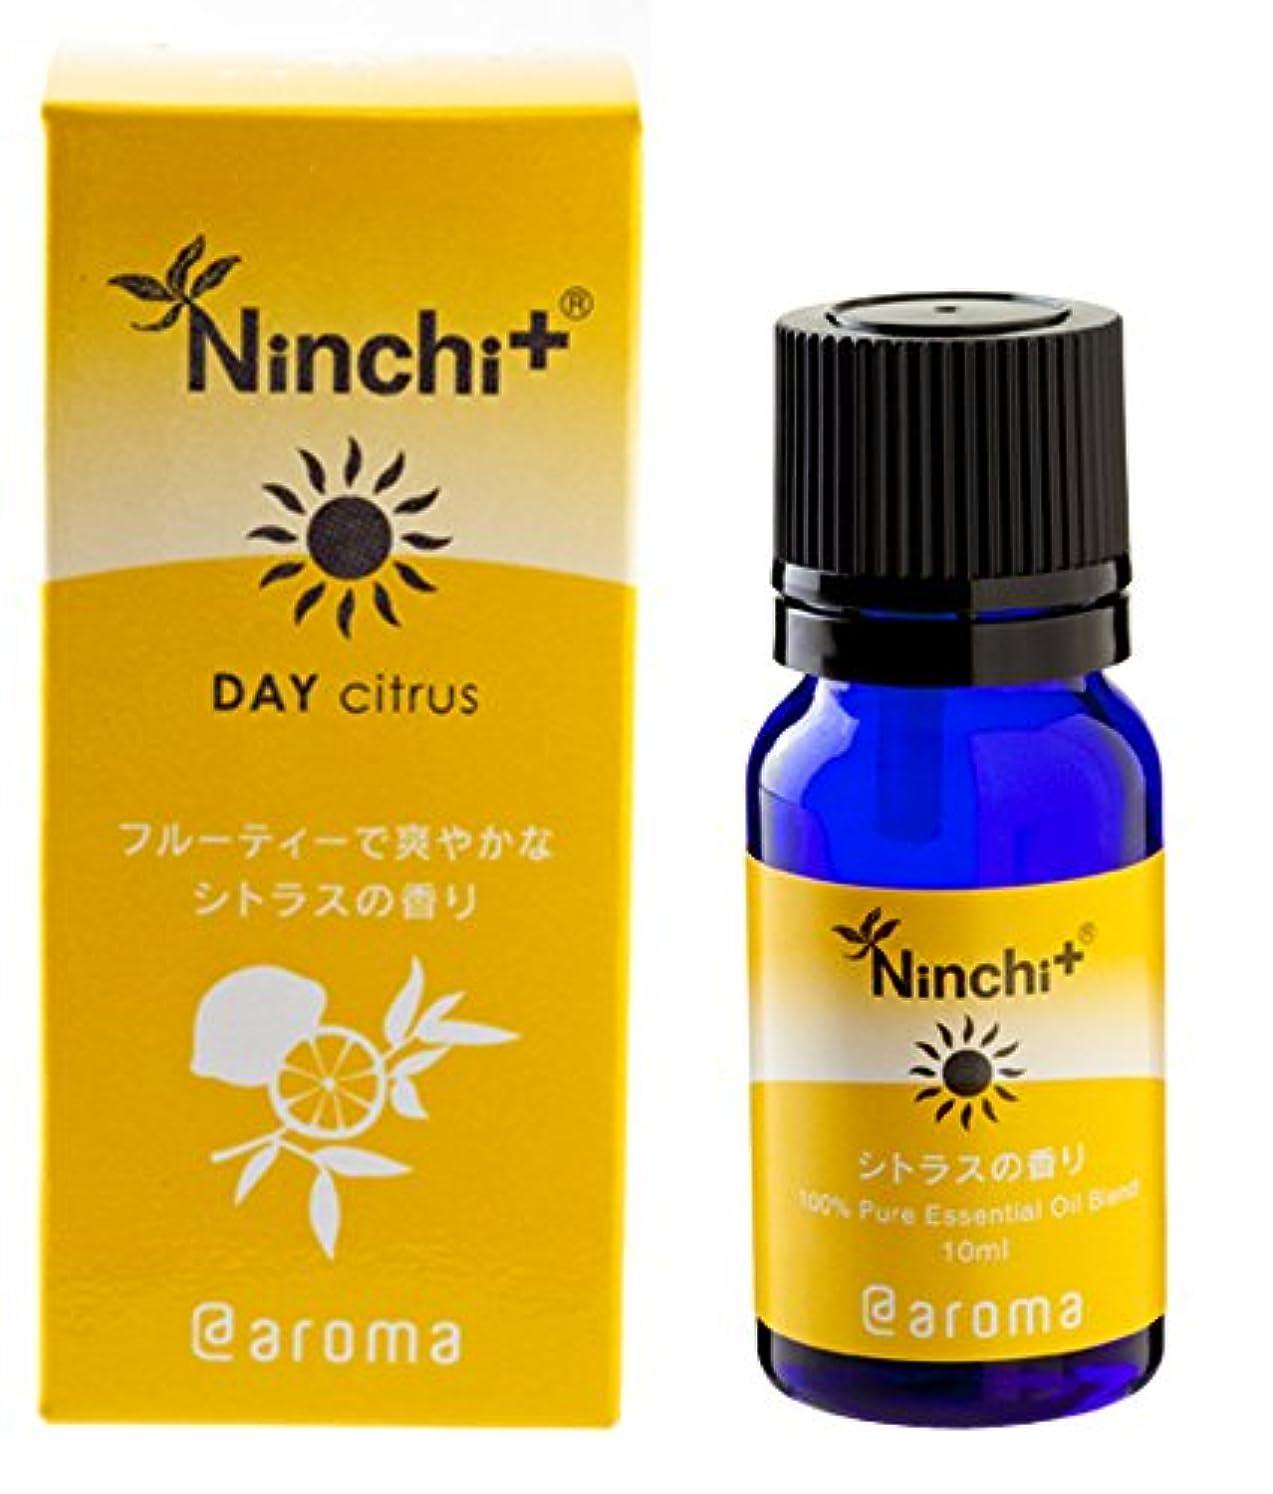 展示会治療体Ninchi+ Day シトラス10ml